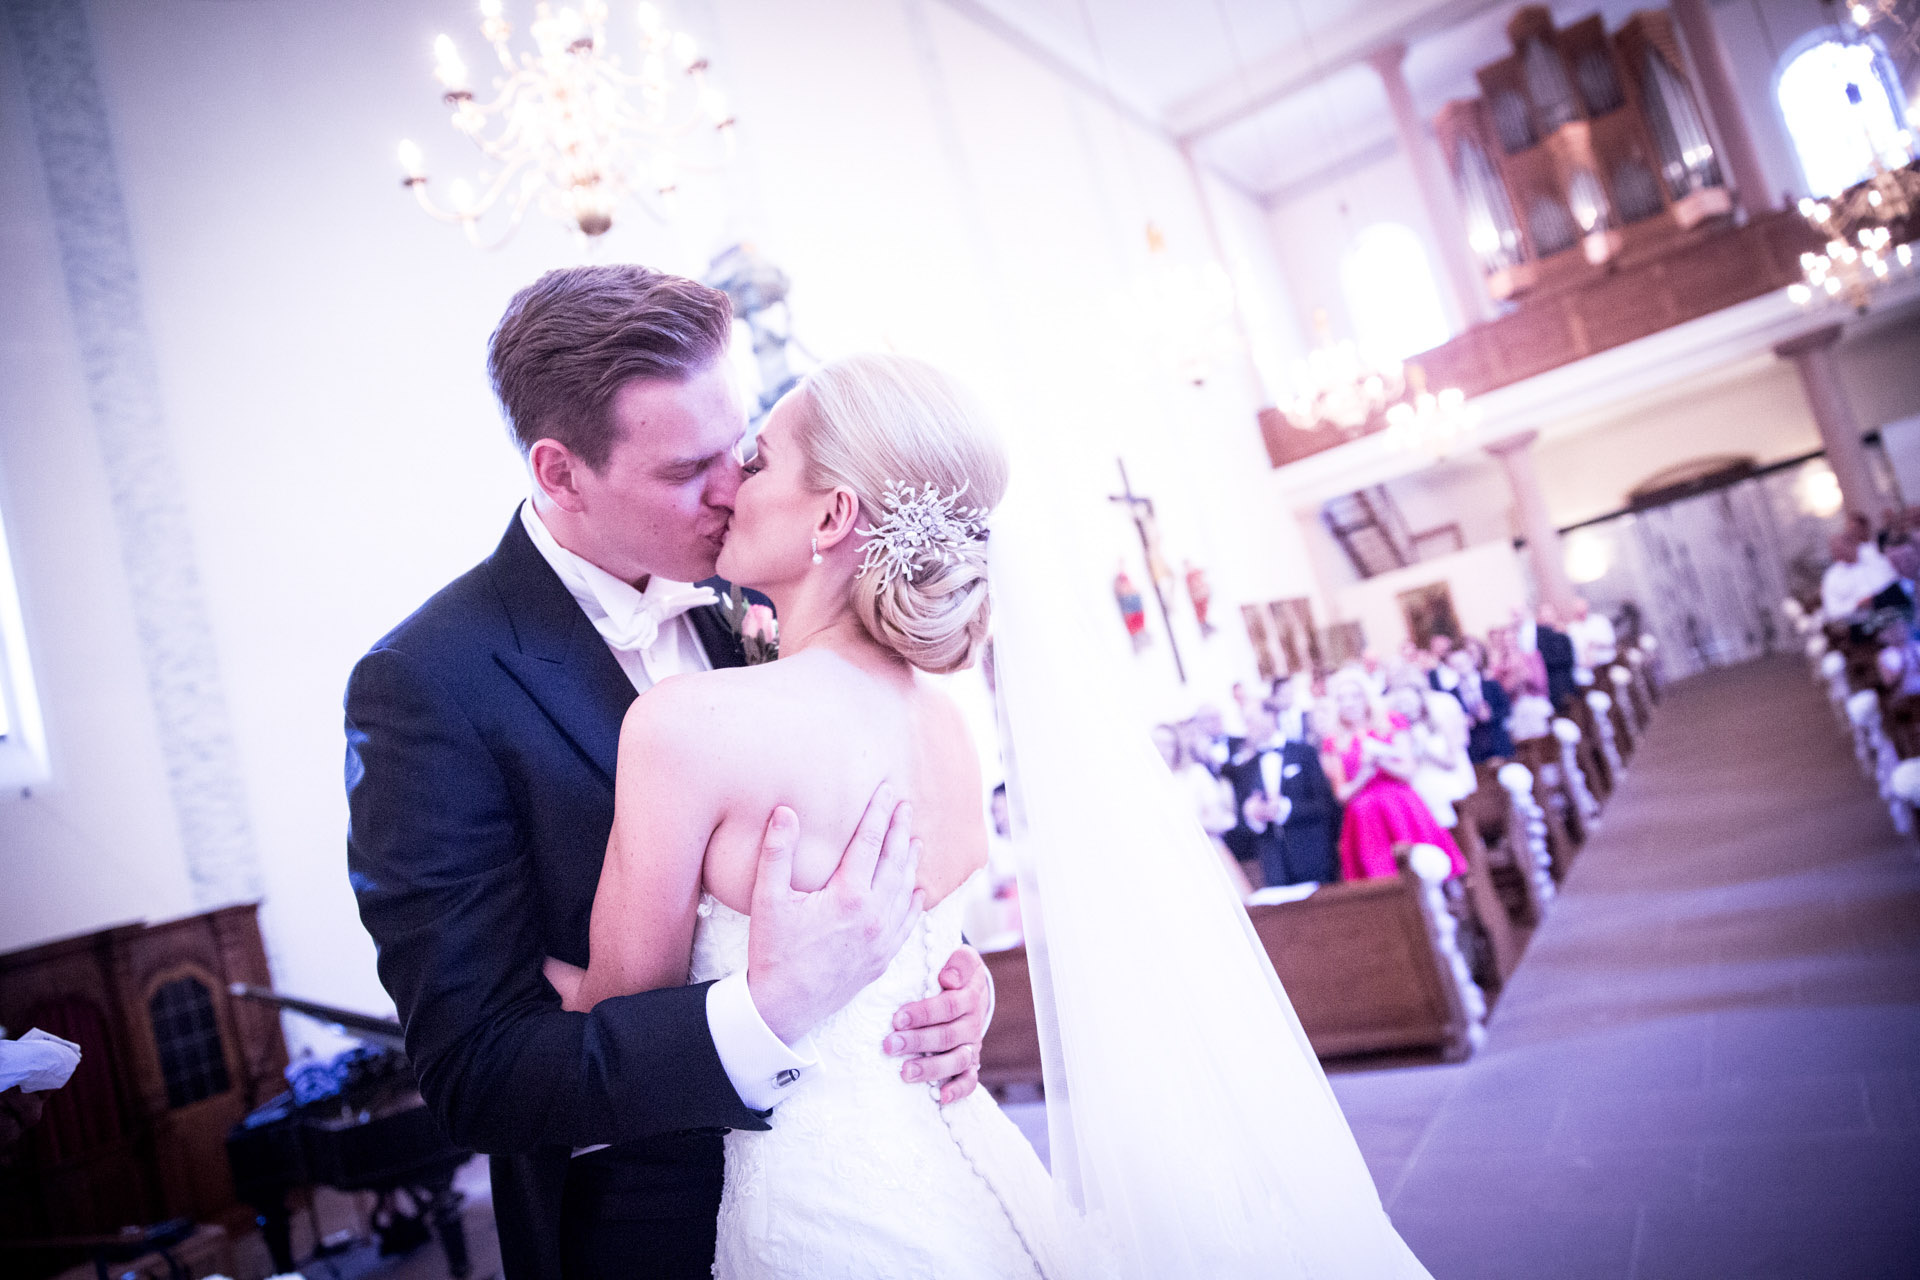 """<img src=""""hochzeitsfoto_trauung.jpg"""" alt=""""hochzeitsfoto trauung das brautpaar küsst sich>"""